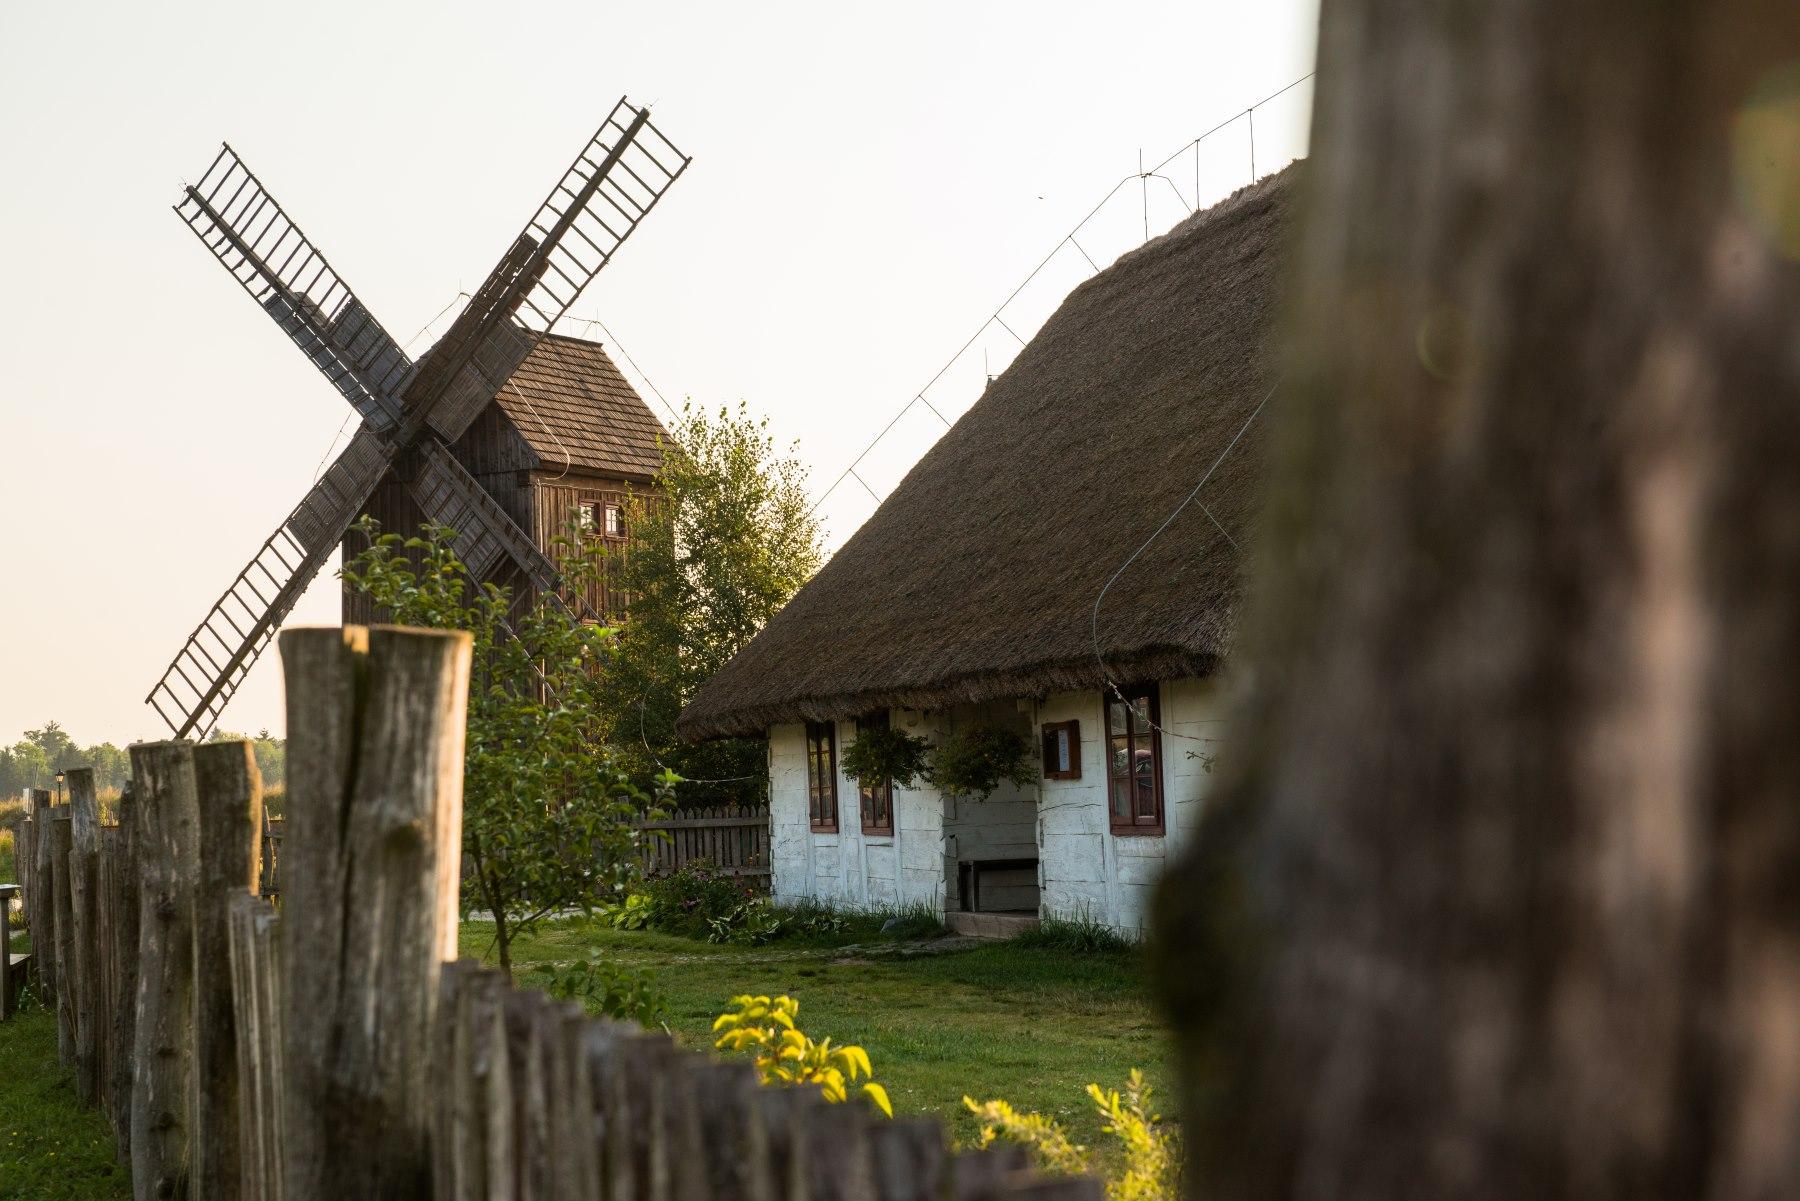 Drewniana chata kryta słomą, w tle drewniany wiatrak